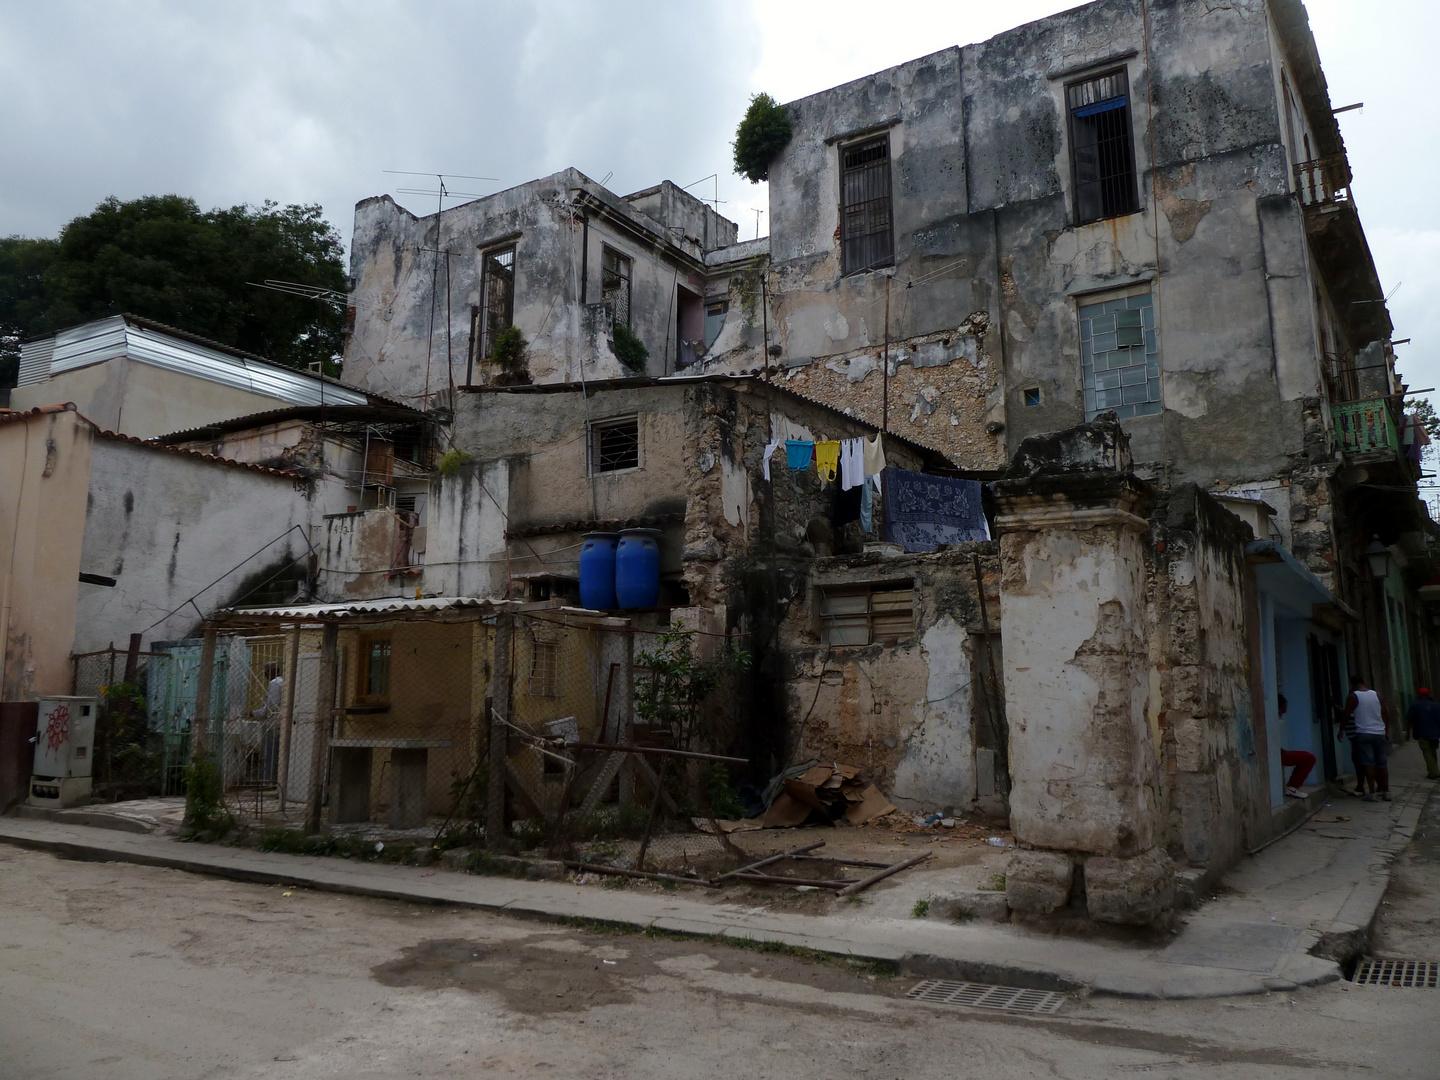 Havanna, die häßliche - Leben in Ruinen